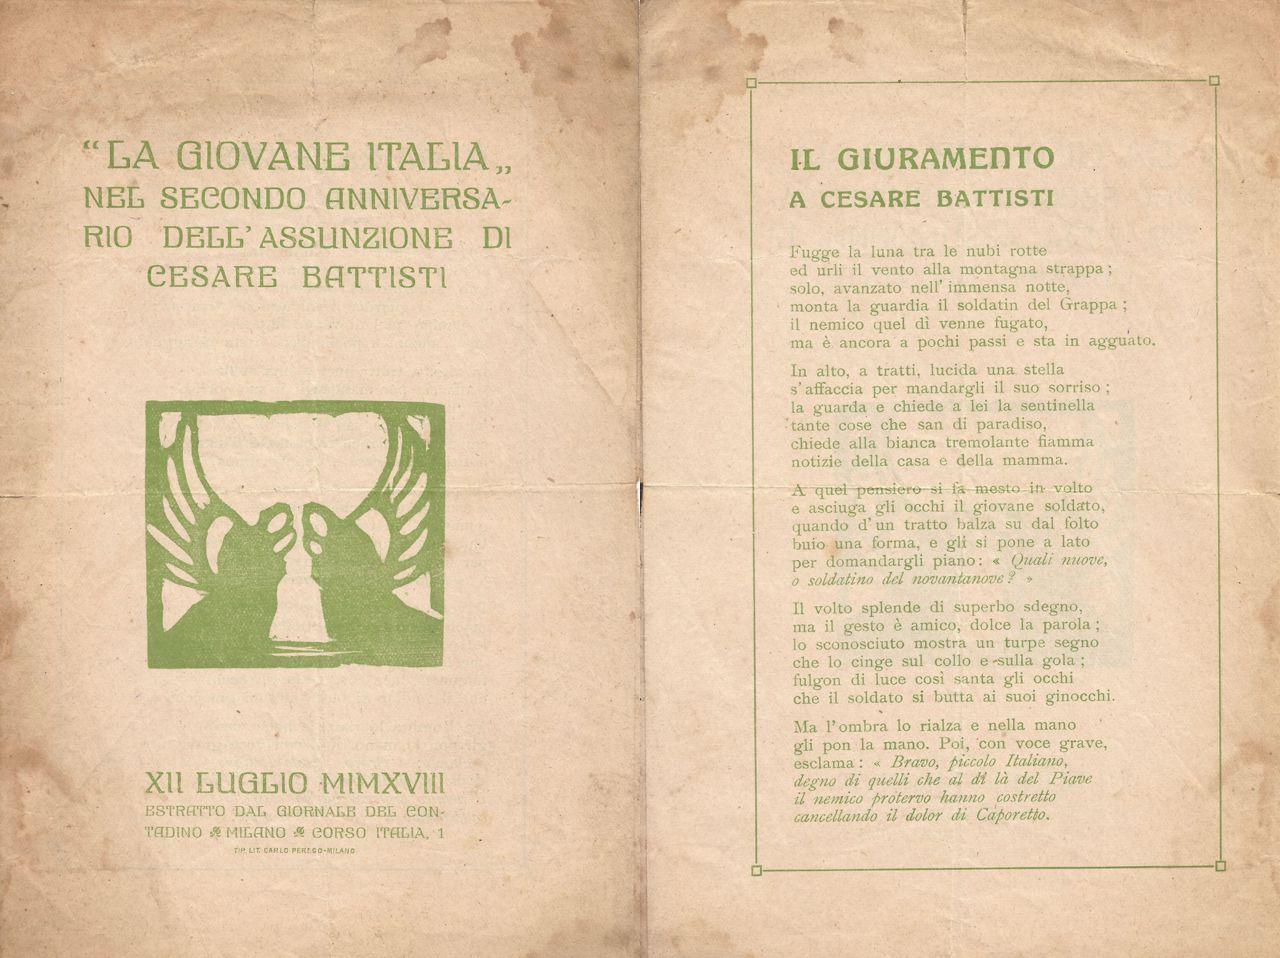 Il giuramento a Cesare Battisti - 01